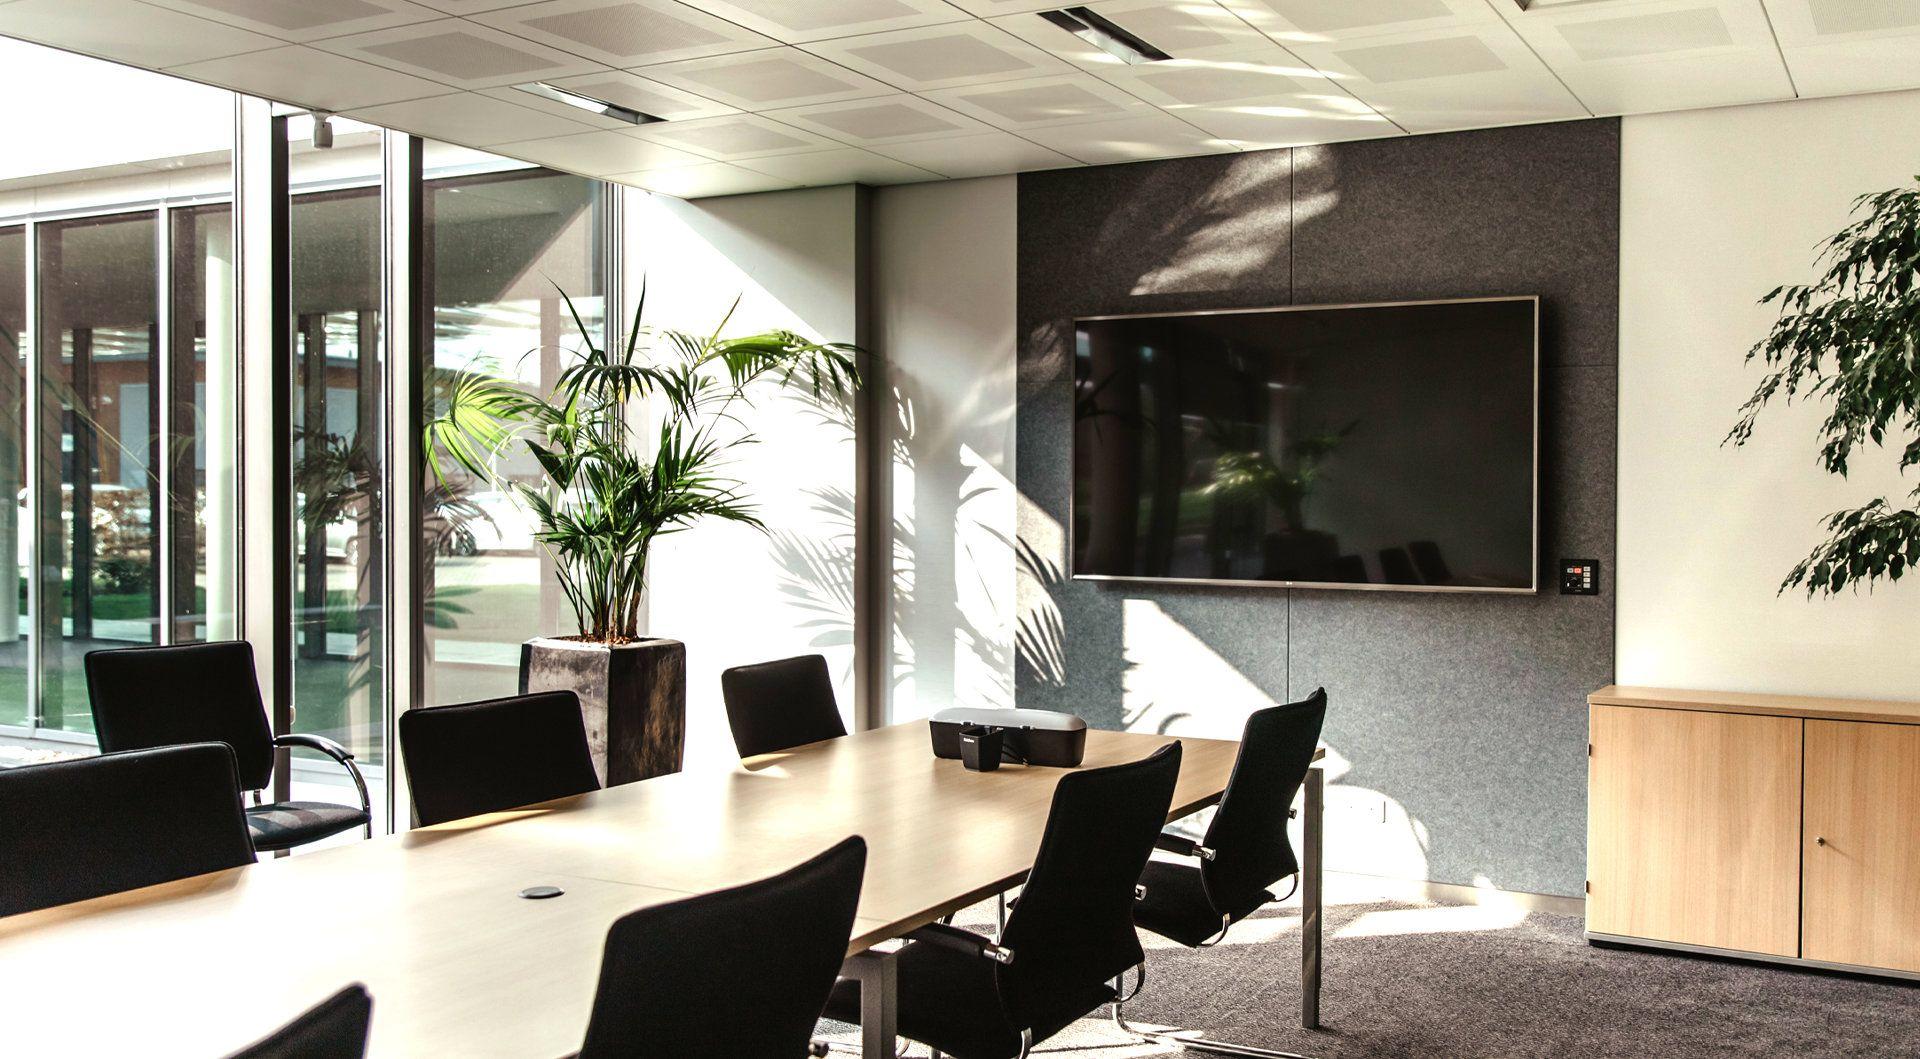 """Projecta HomeScreen Deluxe 141x216cm projectiescherm 2,36 m (93"""") 16:10 - Case studie de vries"""